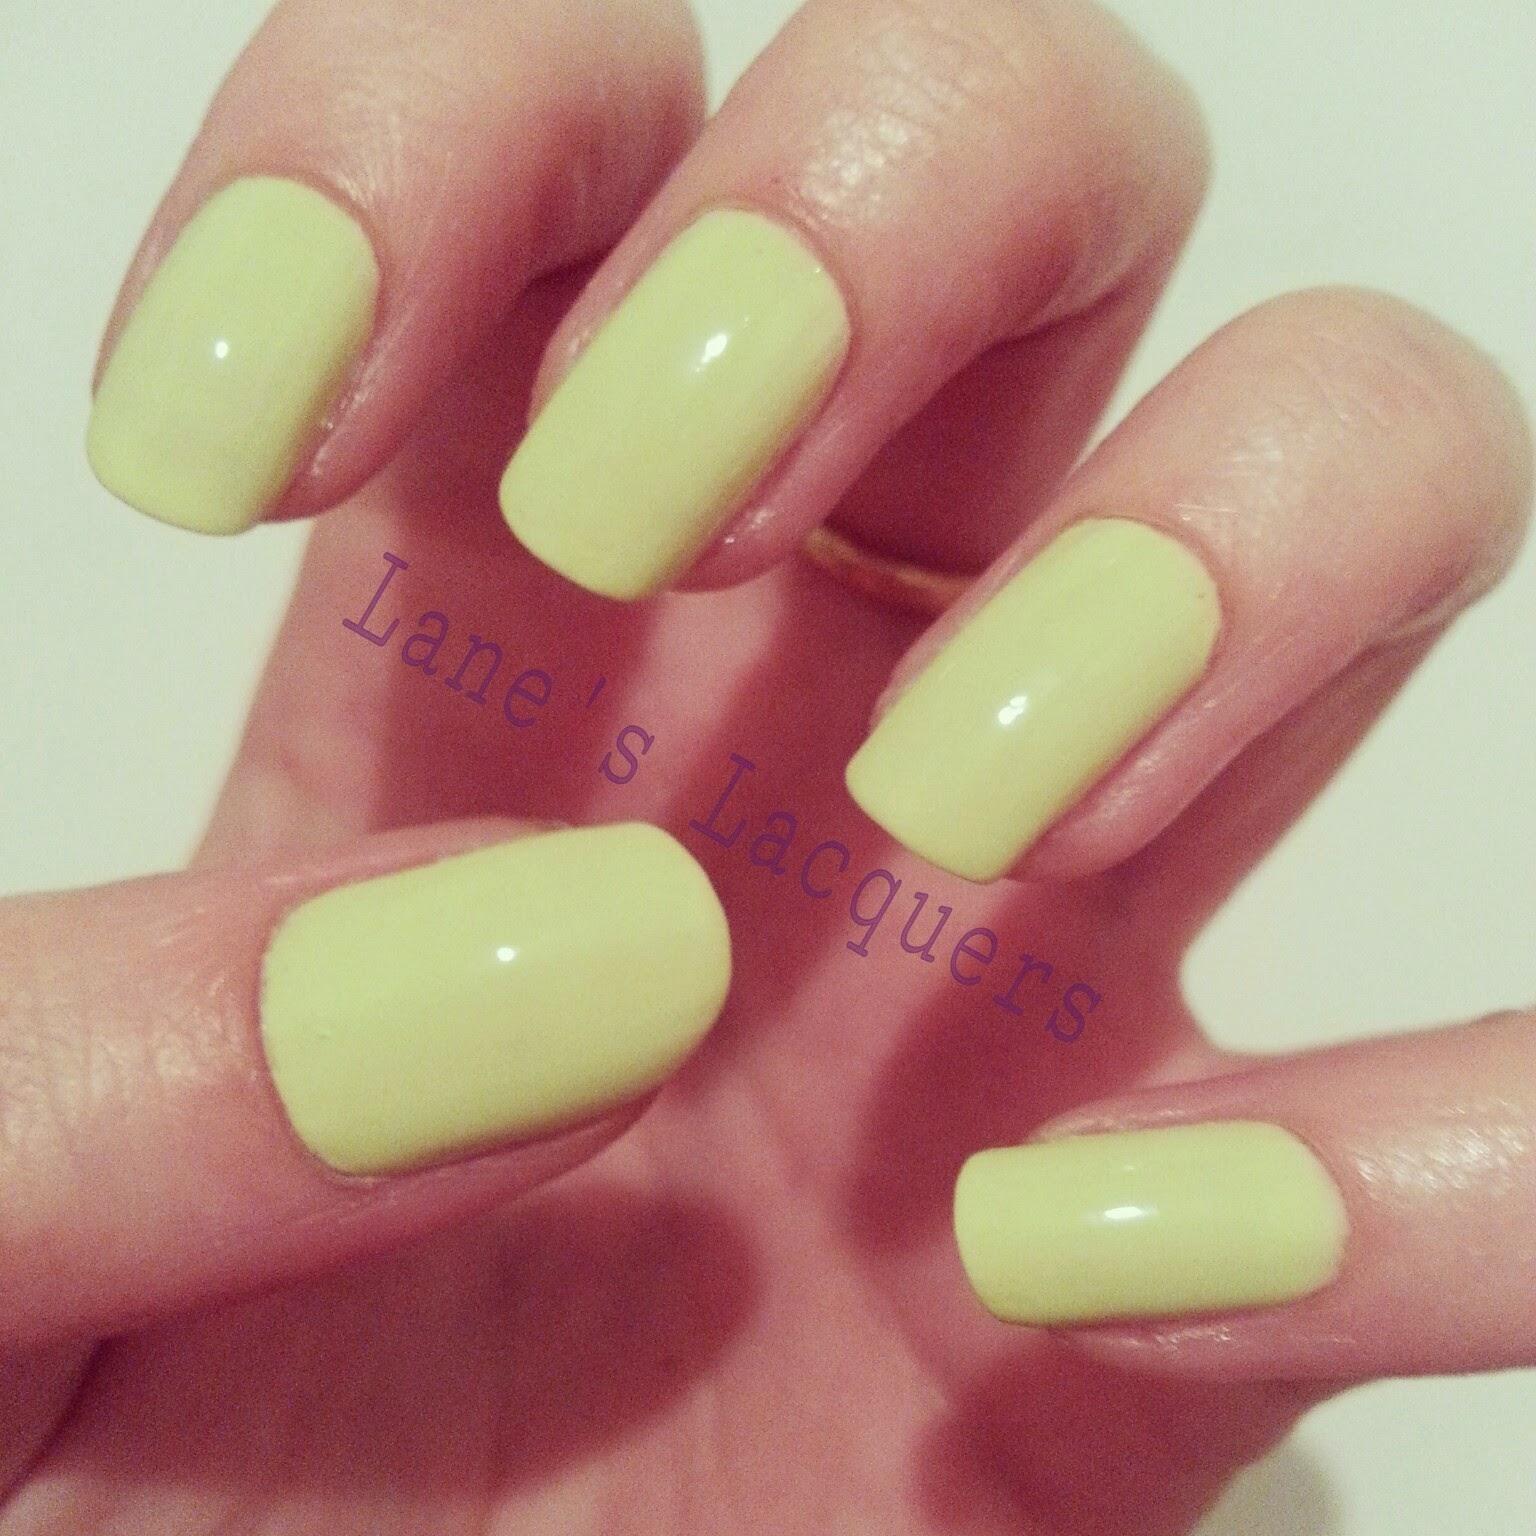 moyra-uk-no-90-swatch-manicure